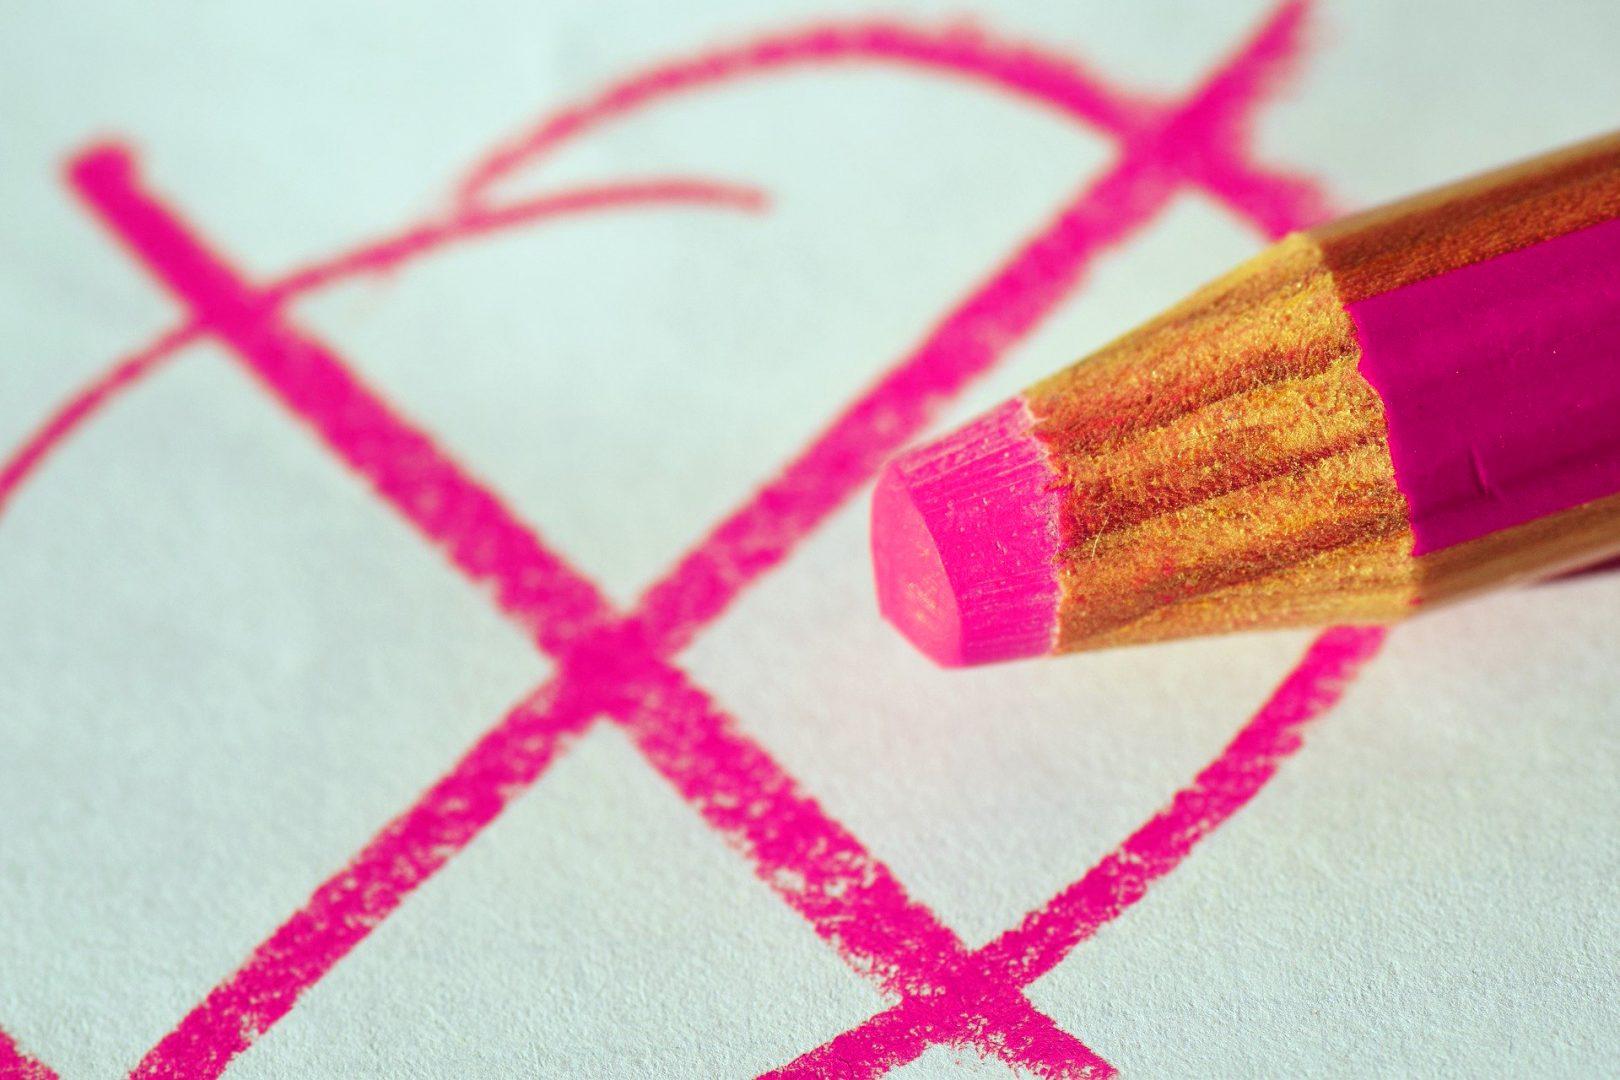 Pinkes Kreuz, mit dem Buntstift gemelt, auf weißem Blatt